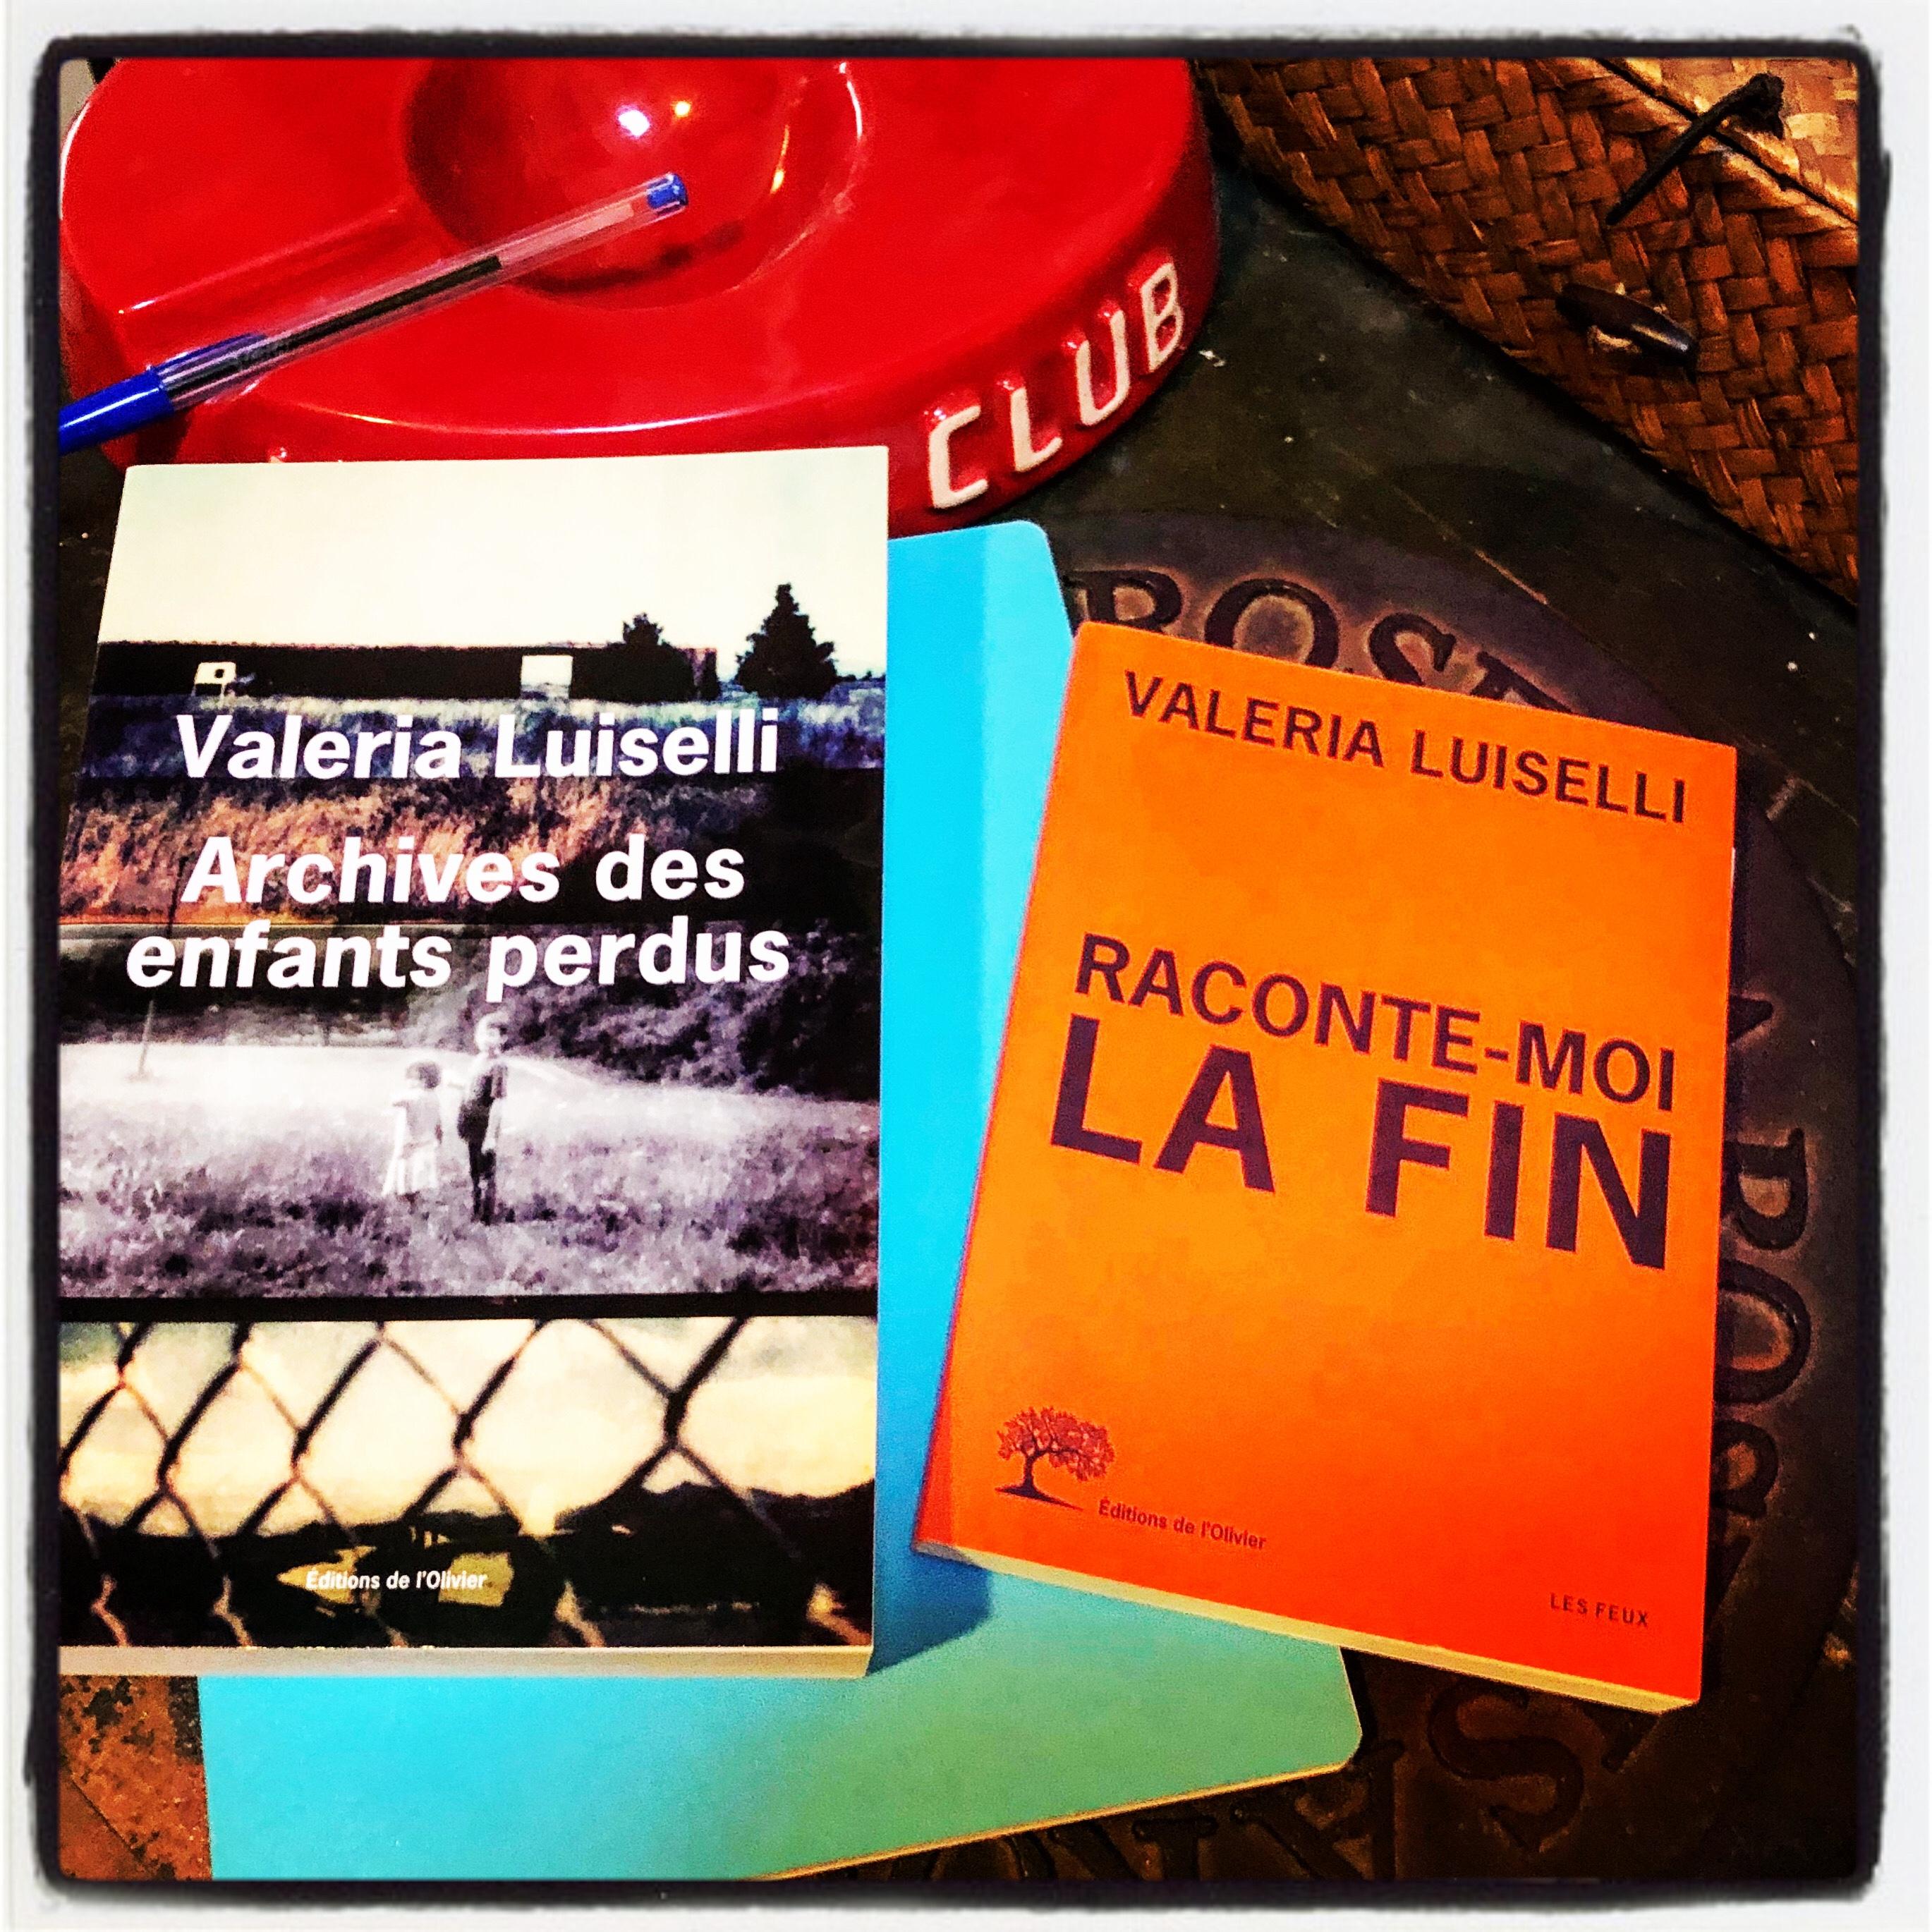 Valeria Luiselli : «Le monde extérieur paraît plus étranger que jamais» (Archives des enfants perdus)